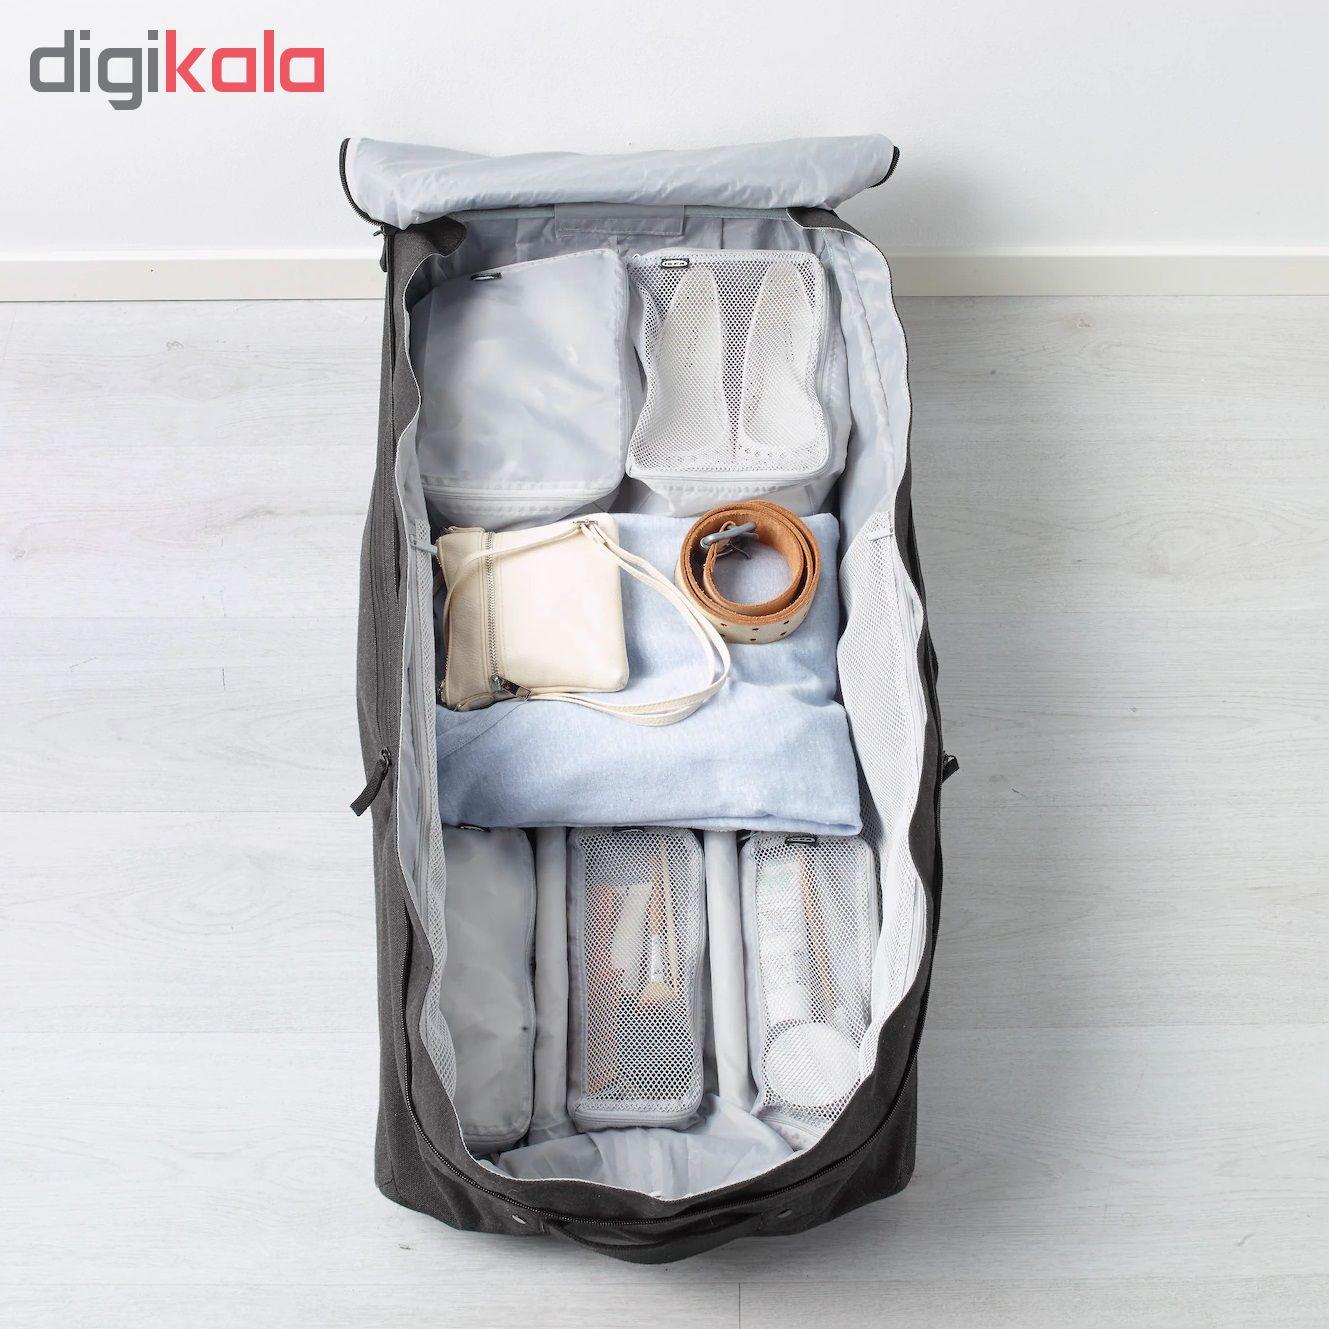 کیف لوازم شخصی ایکیا مدل FORFINA مجموعه 6 عددی